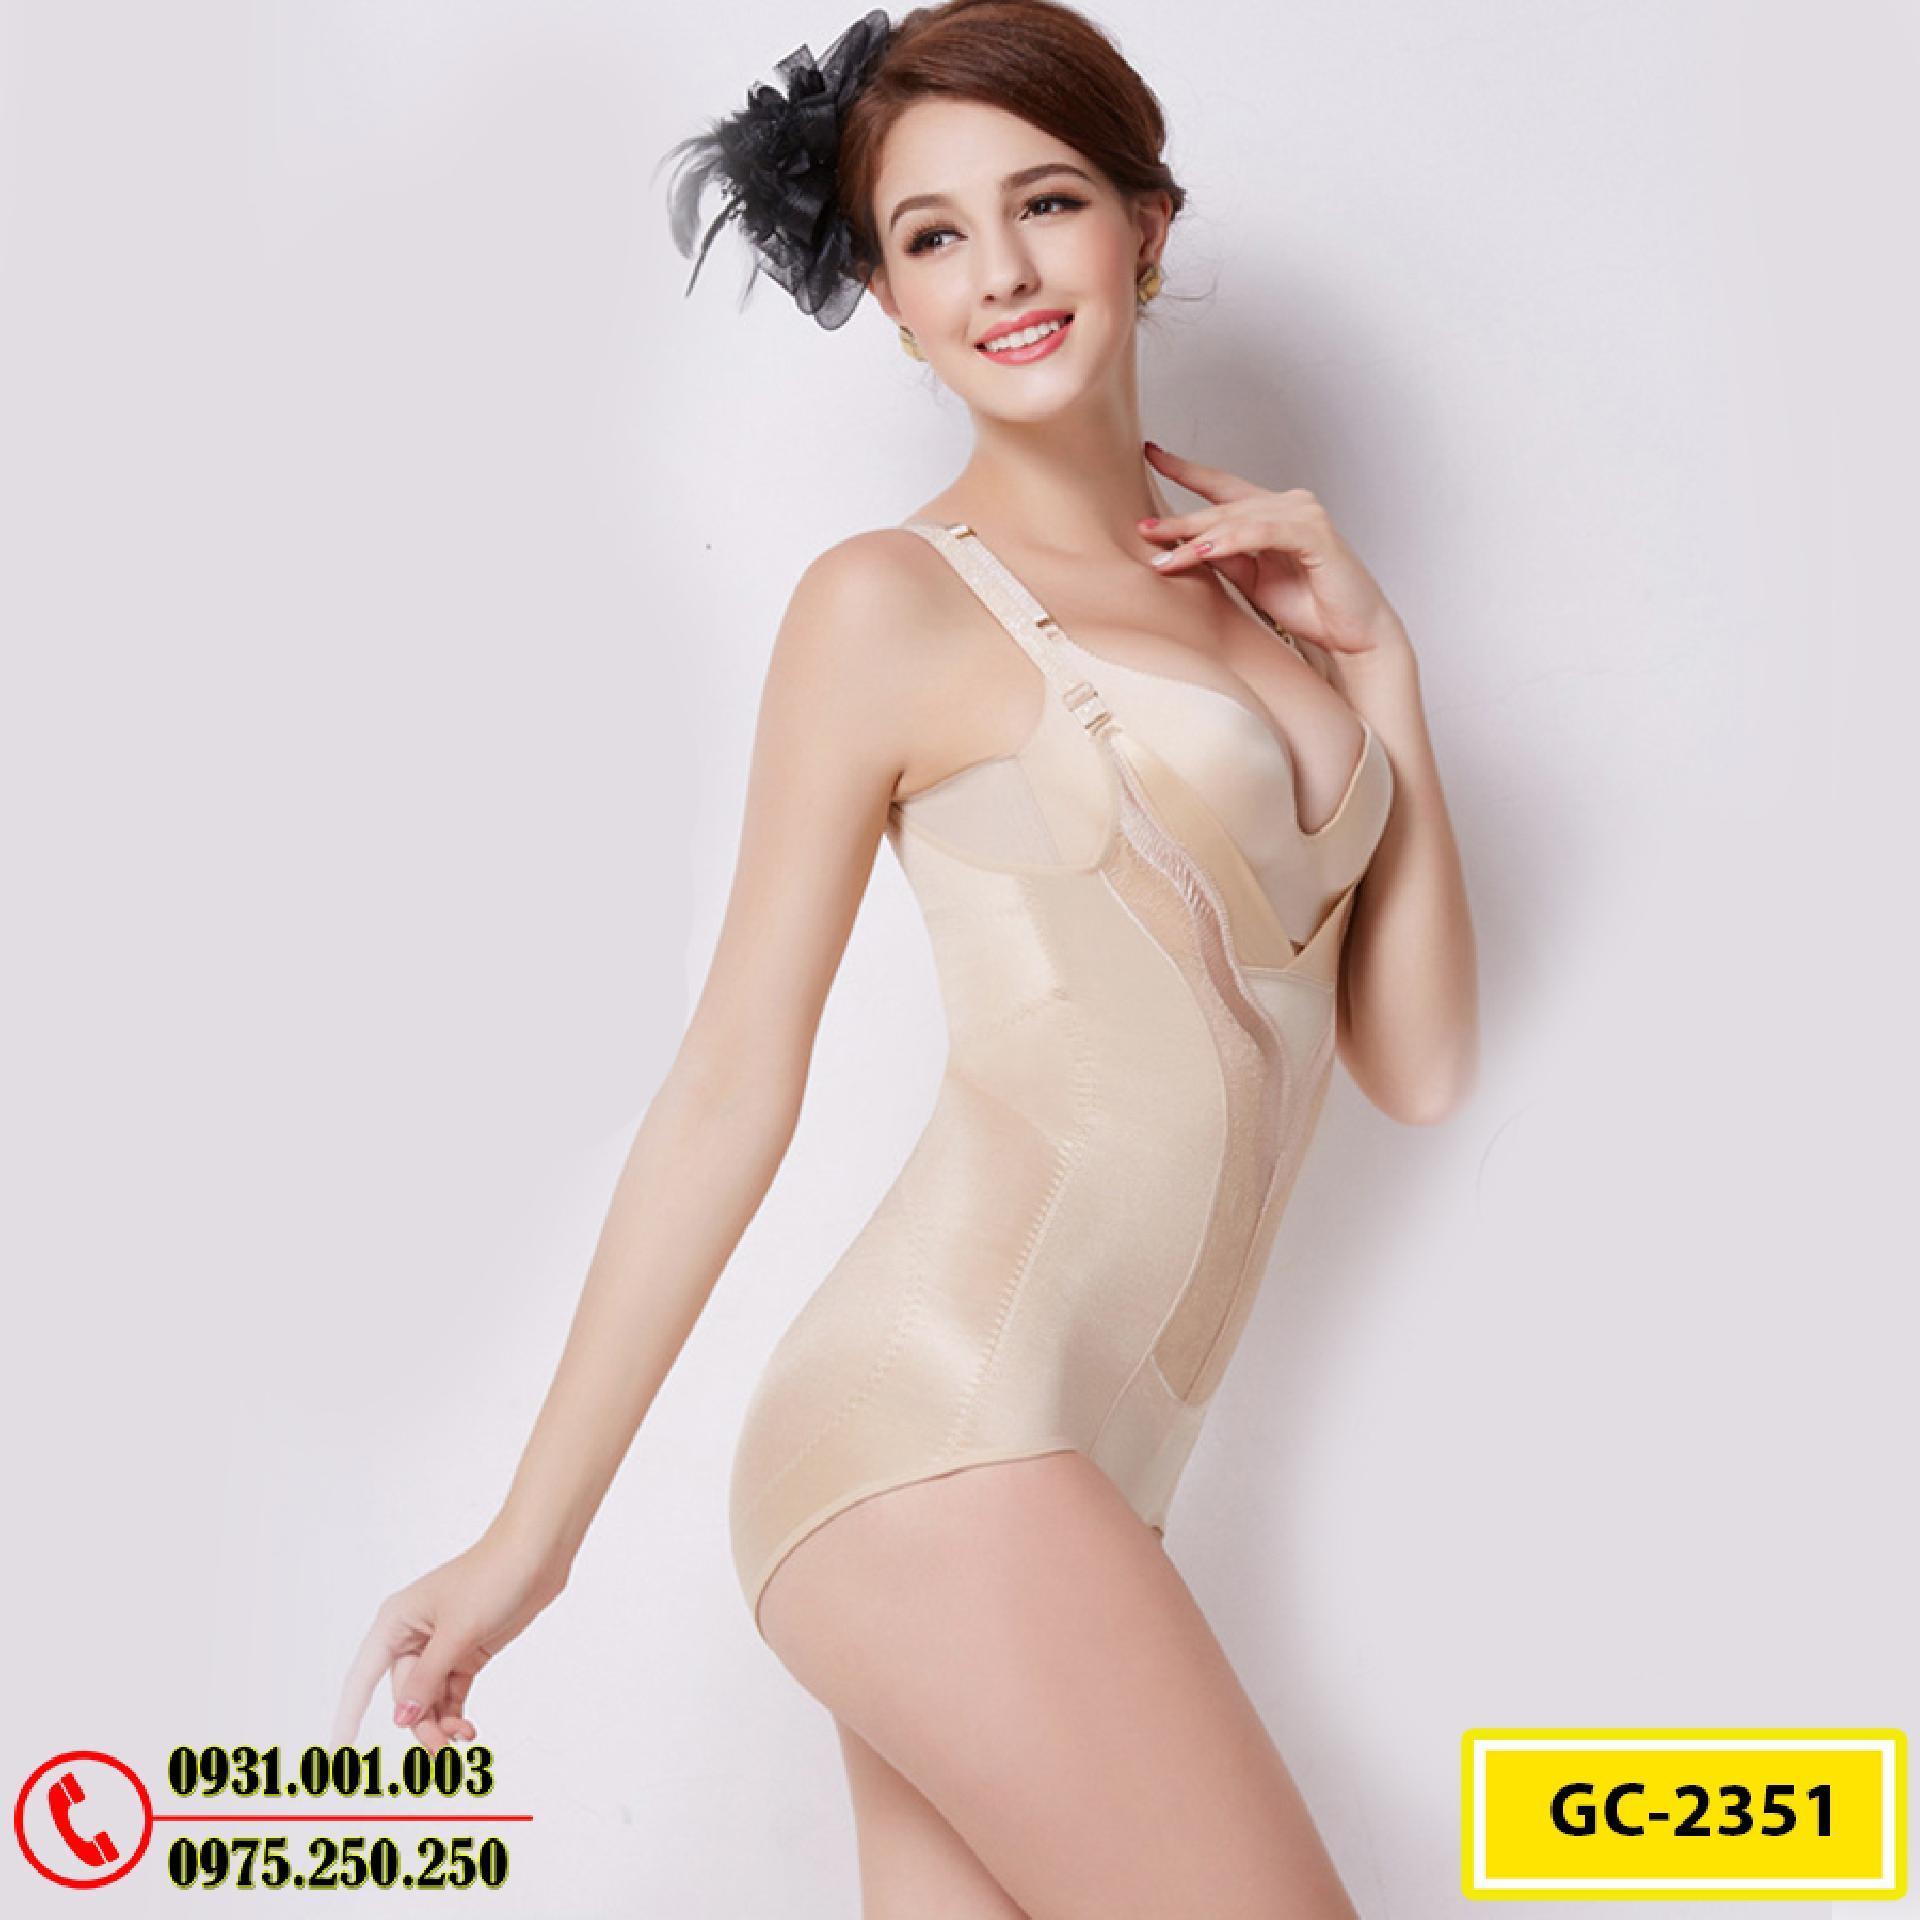 Đồ Lót Định Hình - Quần Áo Gen Định Hình Bikini Liền Thân Thu Gọn Vòng Eo (Cod: GC-2351)